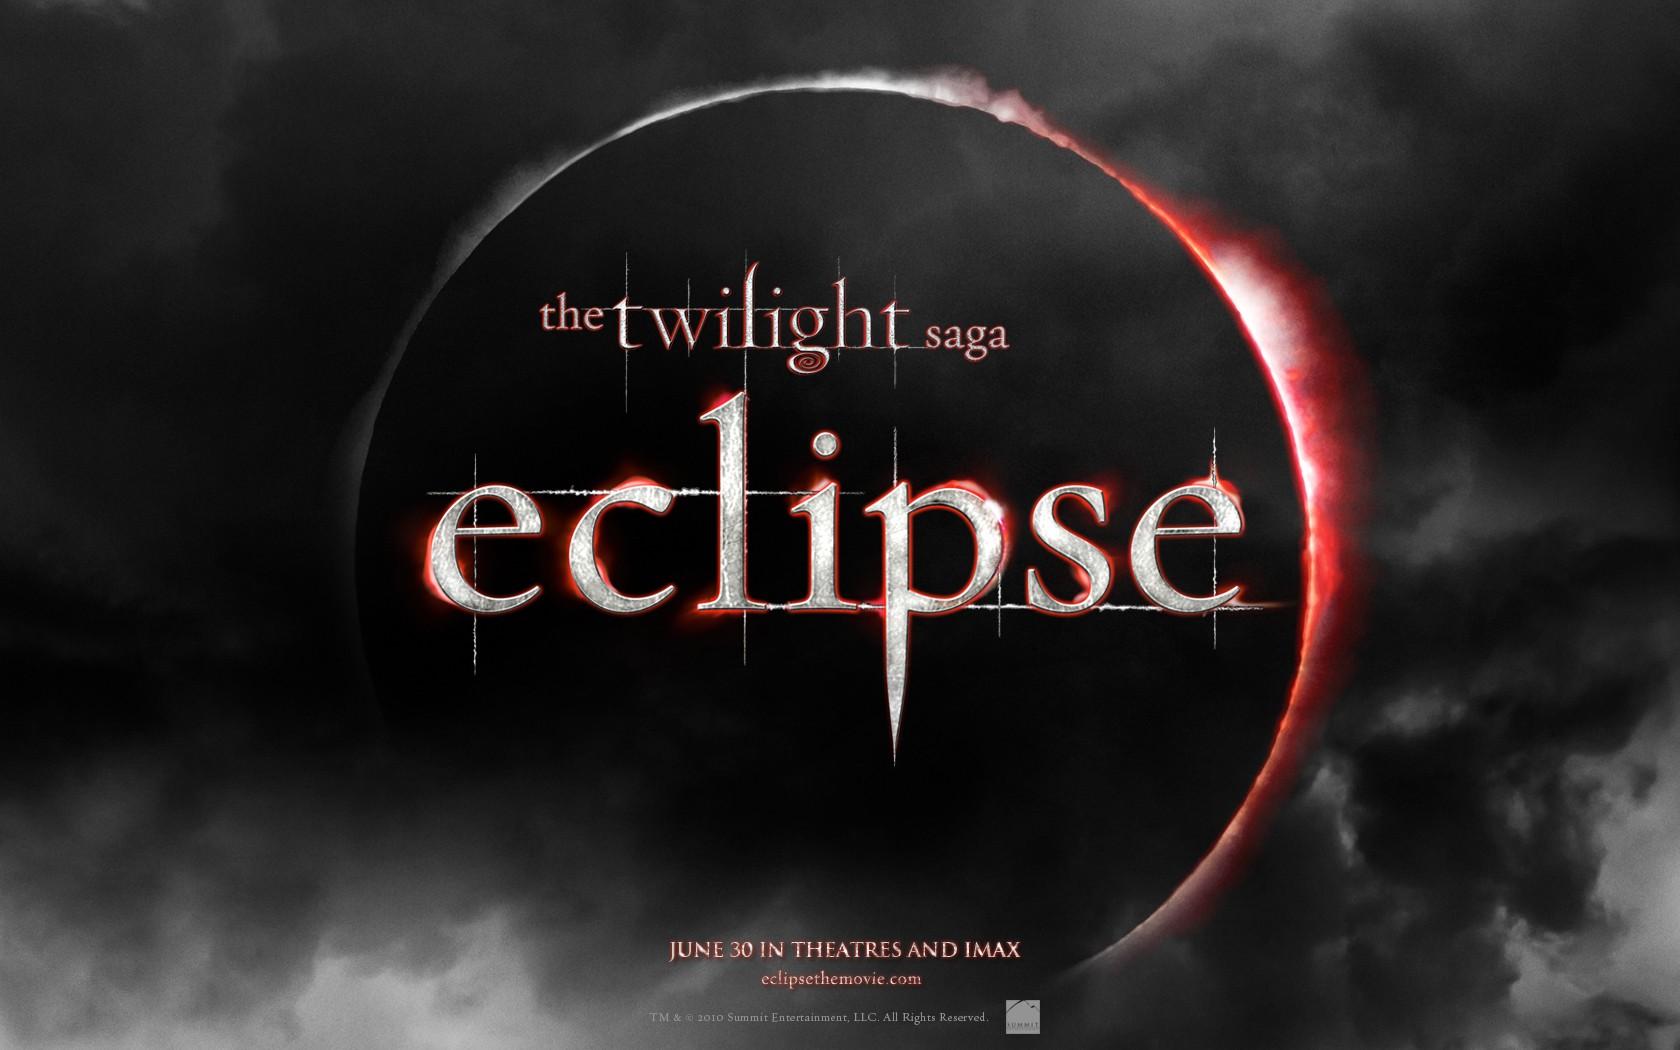 Un wallpaper ufficiale del film The Twilight Saga: Eclipse